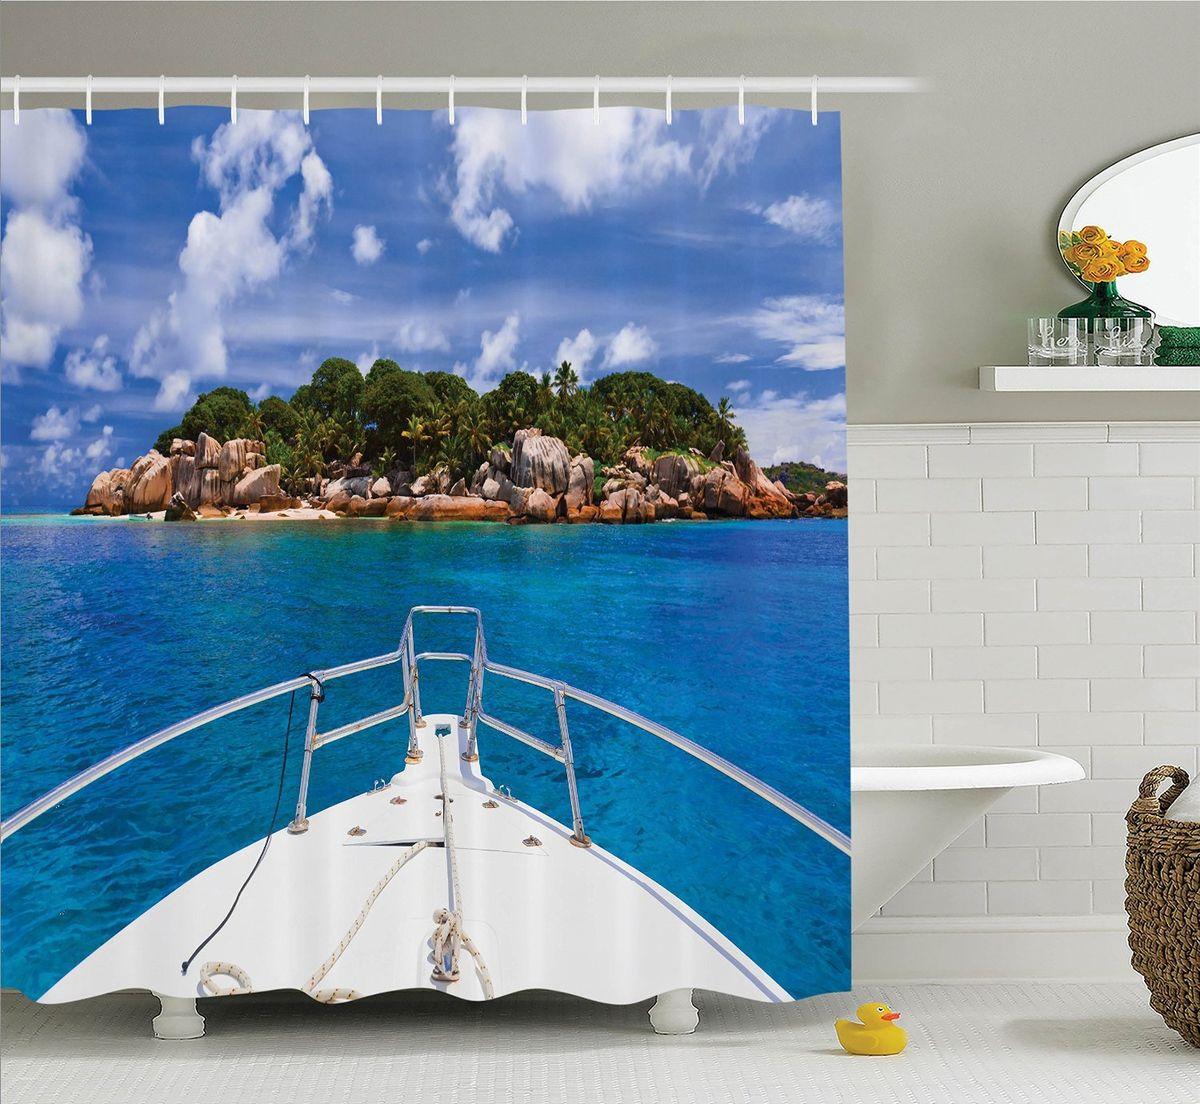 Штора для ванной комнаты Magic Lady На палубе, 180 х 200 см391602Штора Magic Lady На палубе, изготовленная из высококачественного сатена (полиэстер 100%), отлично дополнит любой интерьер ванной комнаты. При изготовлении используются специальные гипоаллергенные чернила для прямой печати по ткани, безопасные для человека.В комплекте: 1 штора, 12 крючков. Обращаем ваше внимание, фактический цвет изделия может незначительно отличаться от представленного на фото.